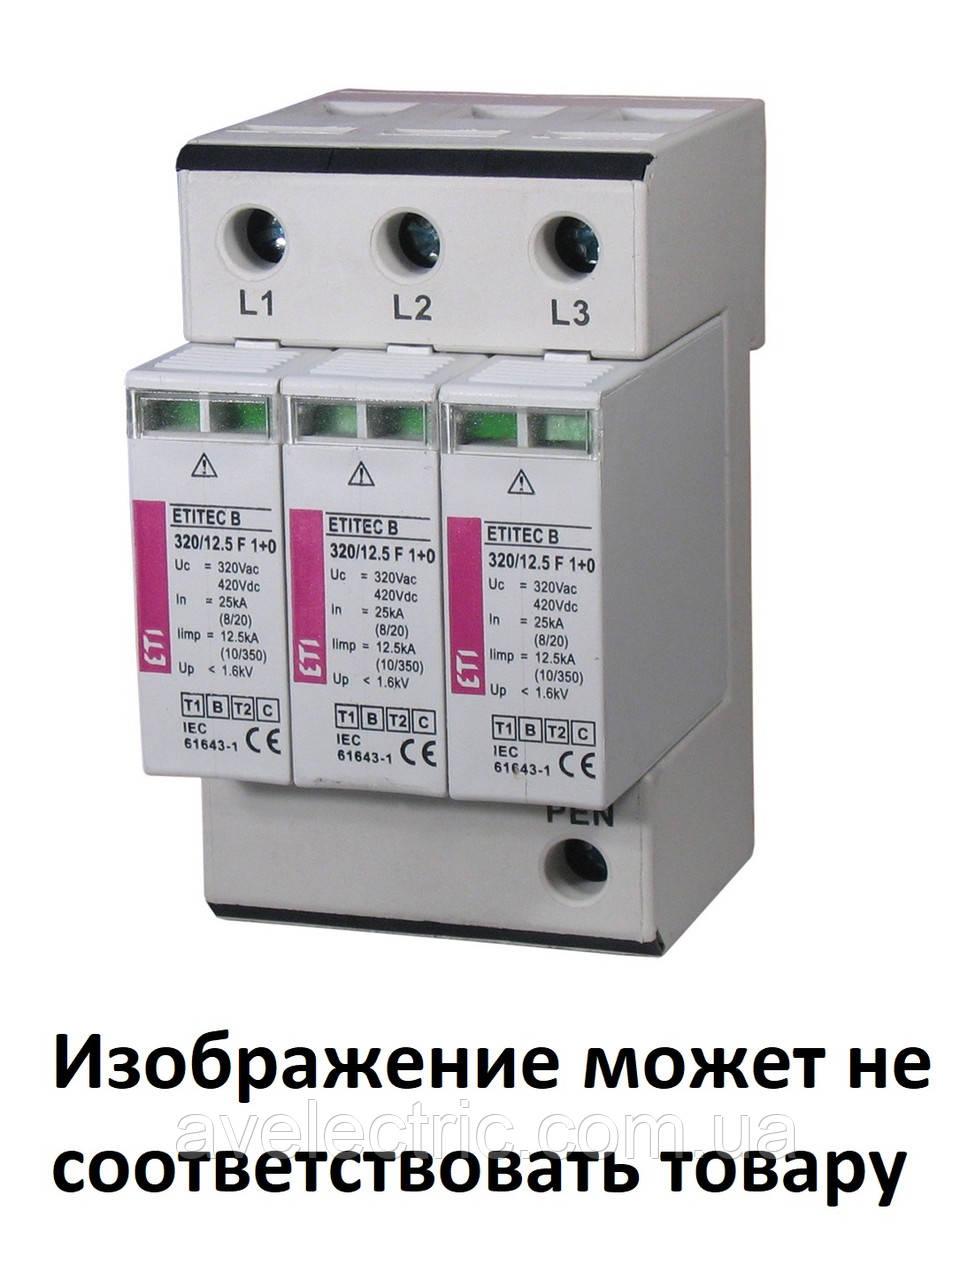 Ограничитель перенапряжения ETITEC M T12 300/12,5 (1+0, 1p, TNC)